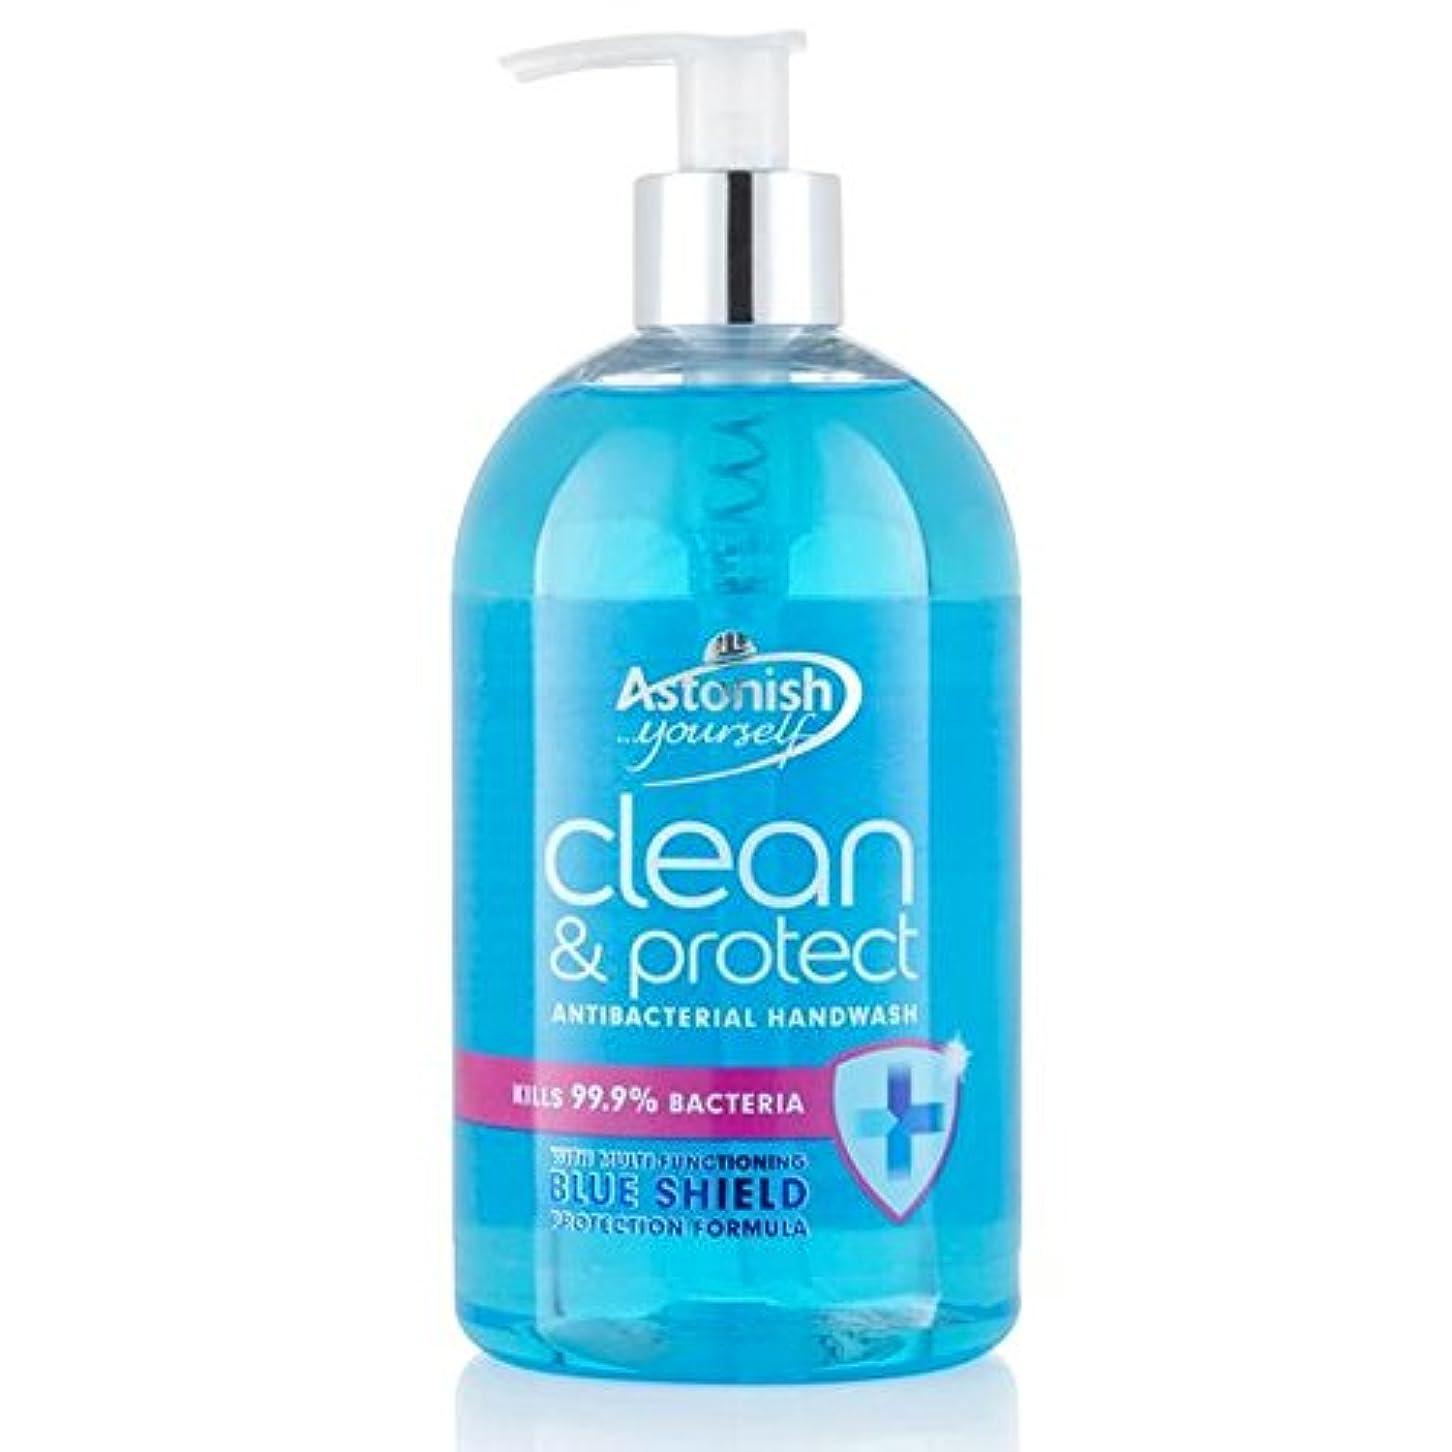 におい罪通訳Astonish Clean & Protect Hand Wash 500ml (Pack of 6) - クリーン驚か&ハンドウォッシュ500ミリリットルを保護 x6 [並行輸入品]